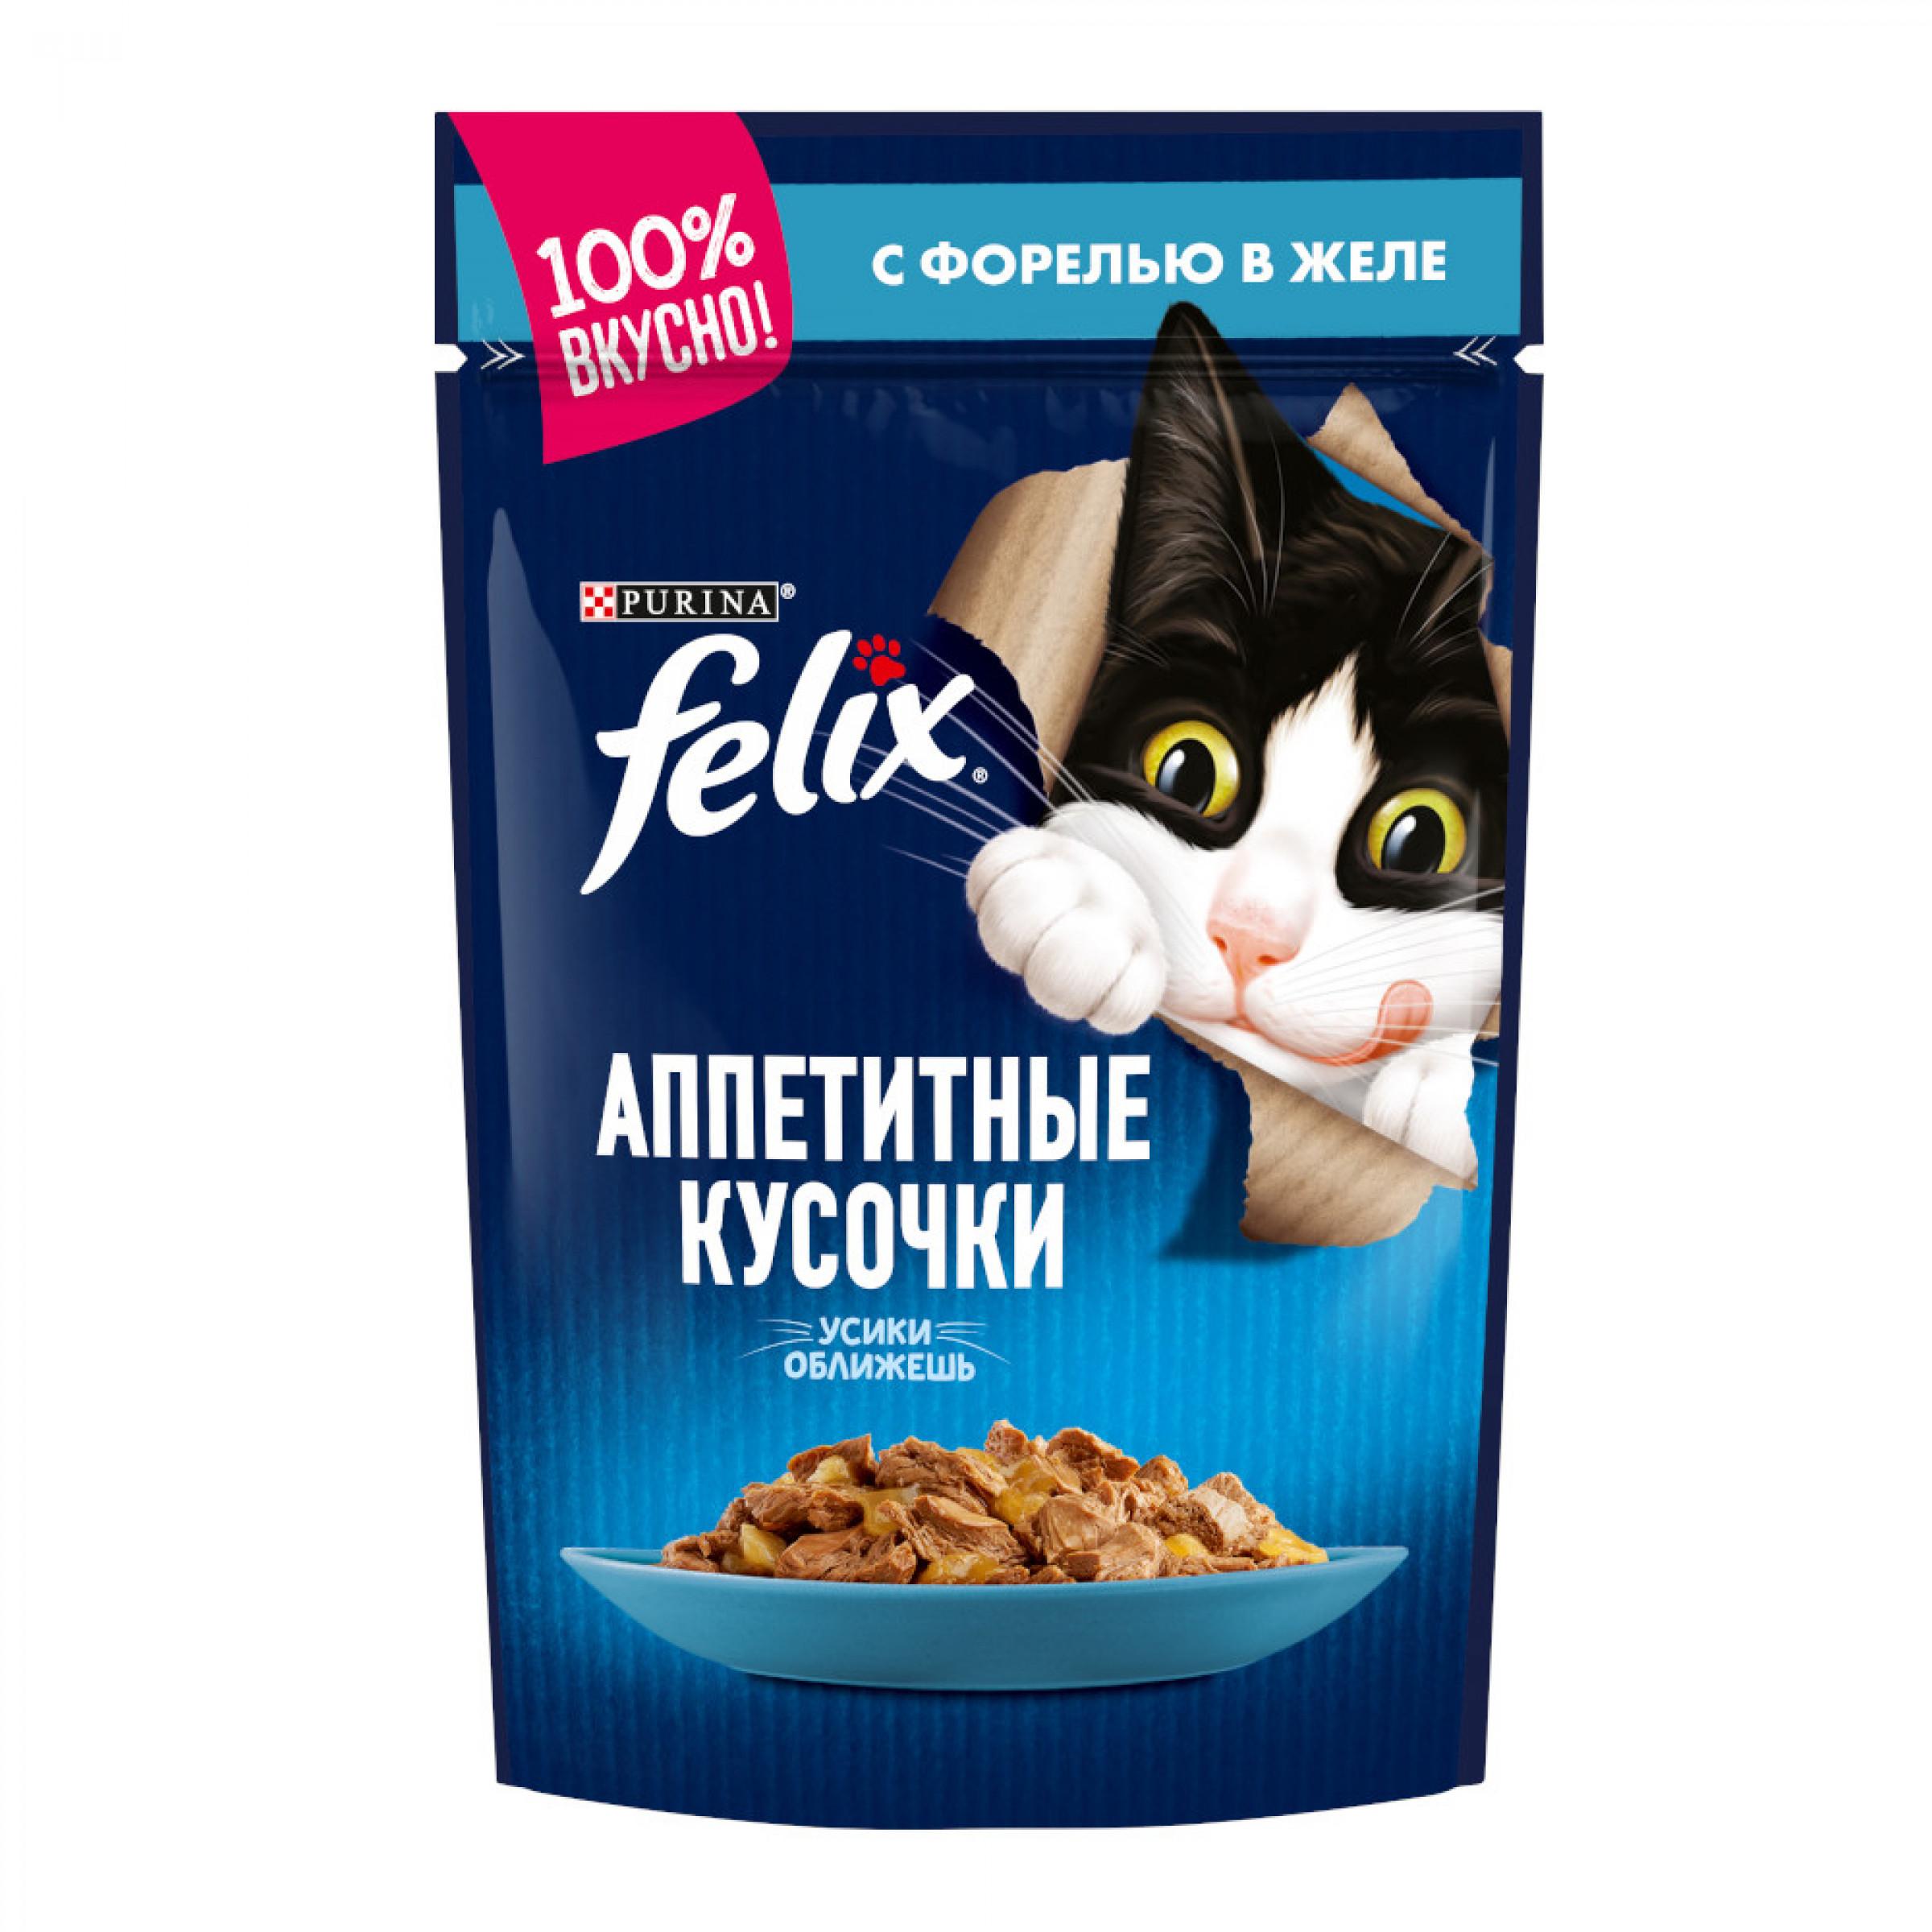 Влажный корм Felix® Аппетитные кусочки с форелью в желе, 85гр